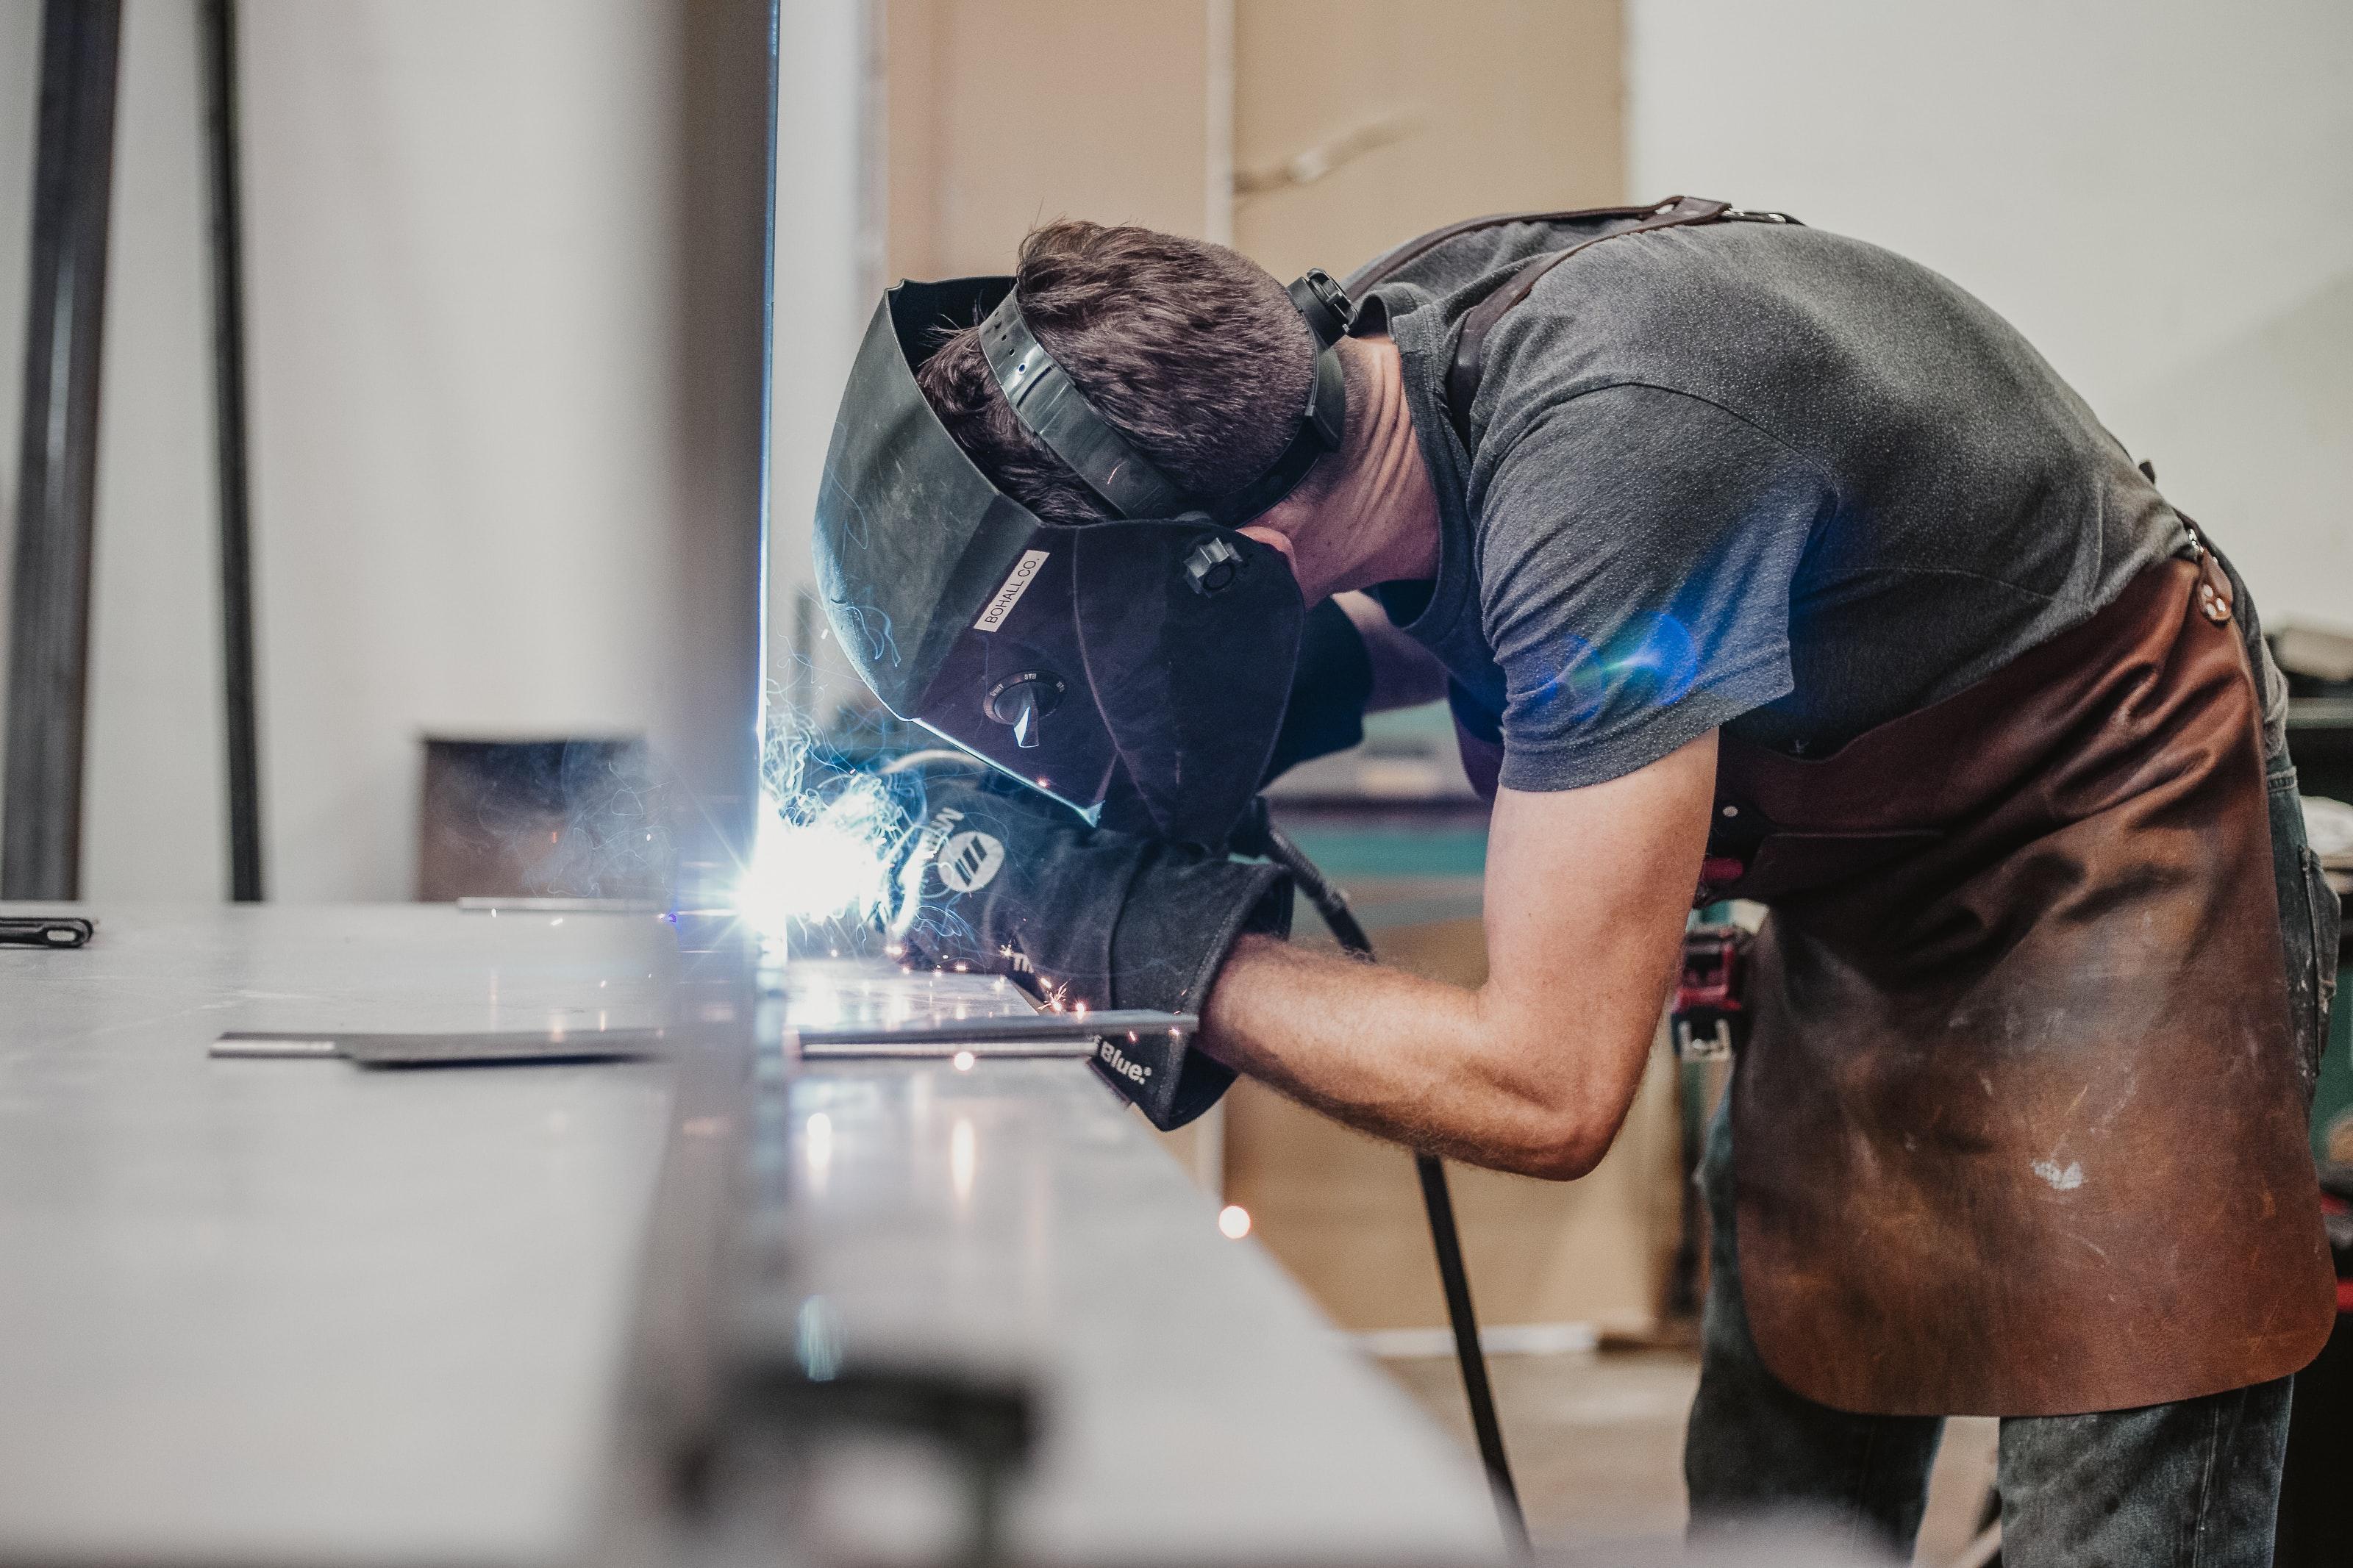 welder_help_wanted_solving_welder_shortage